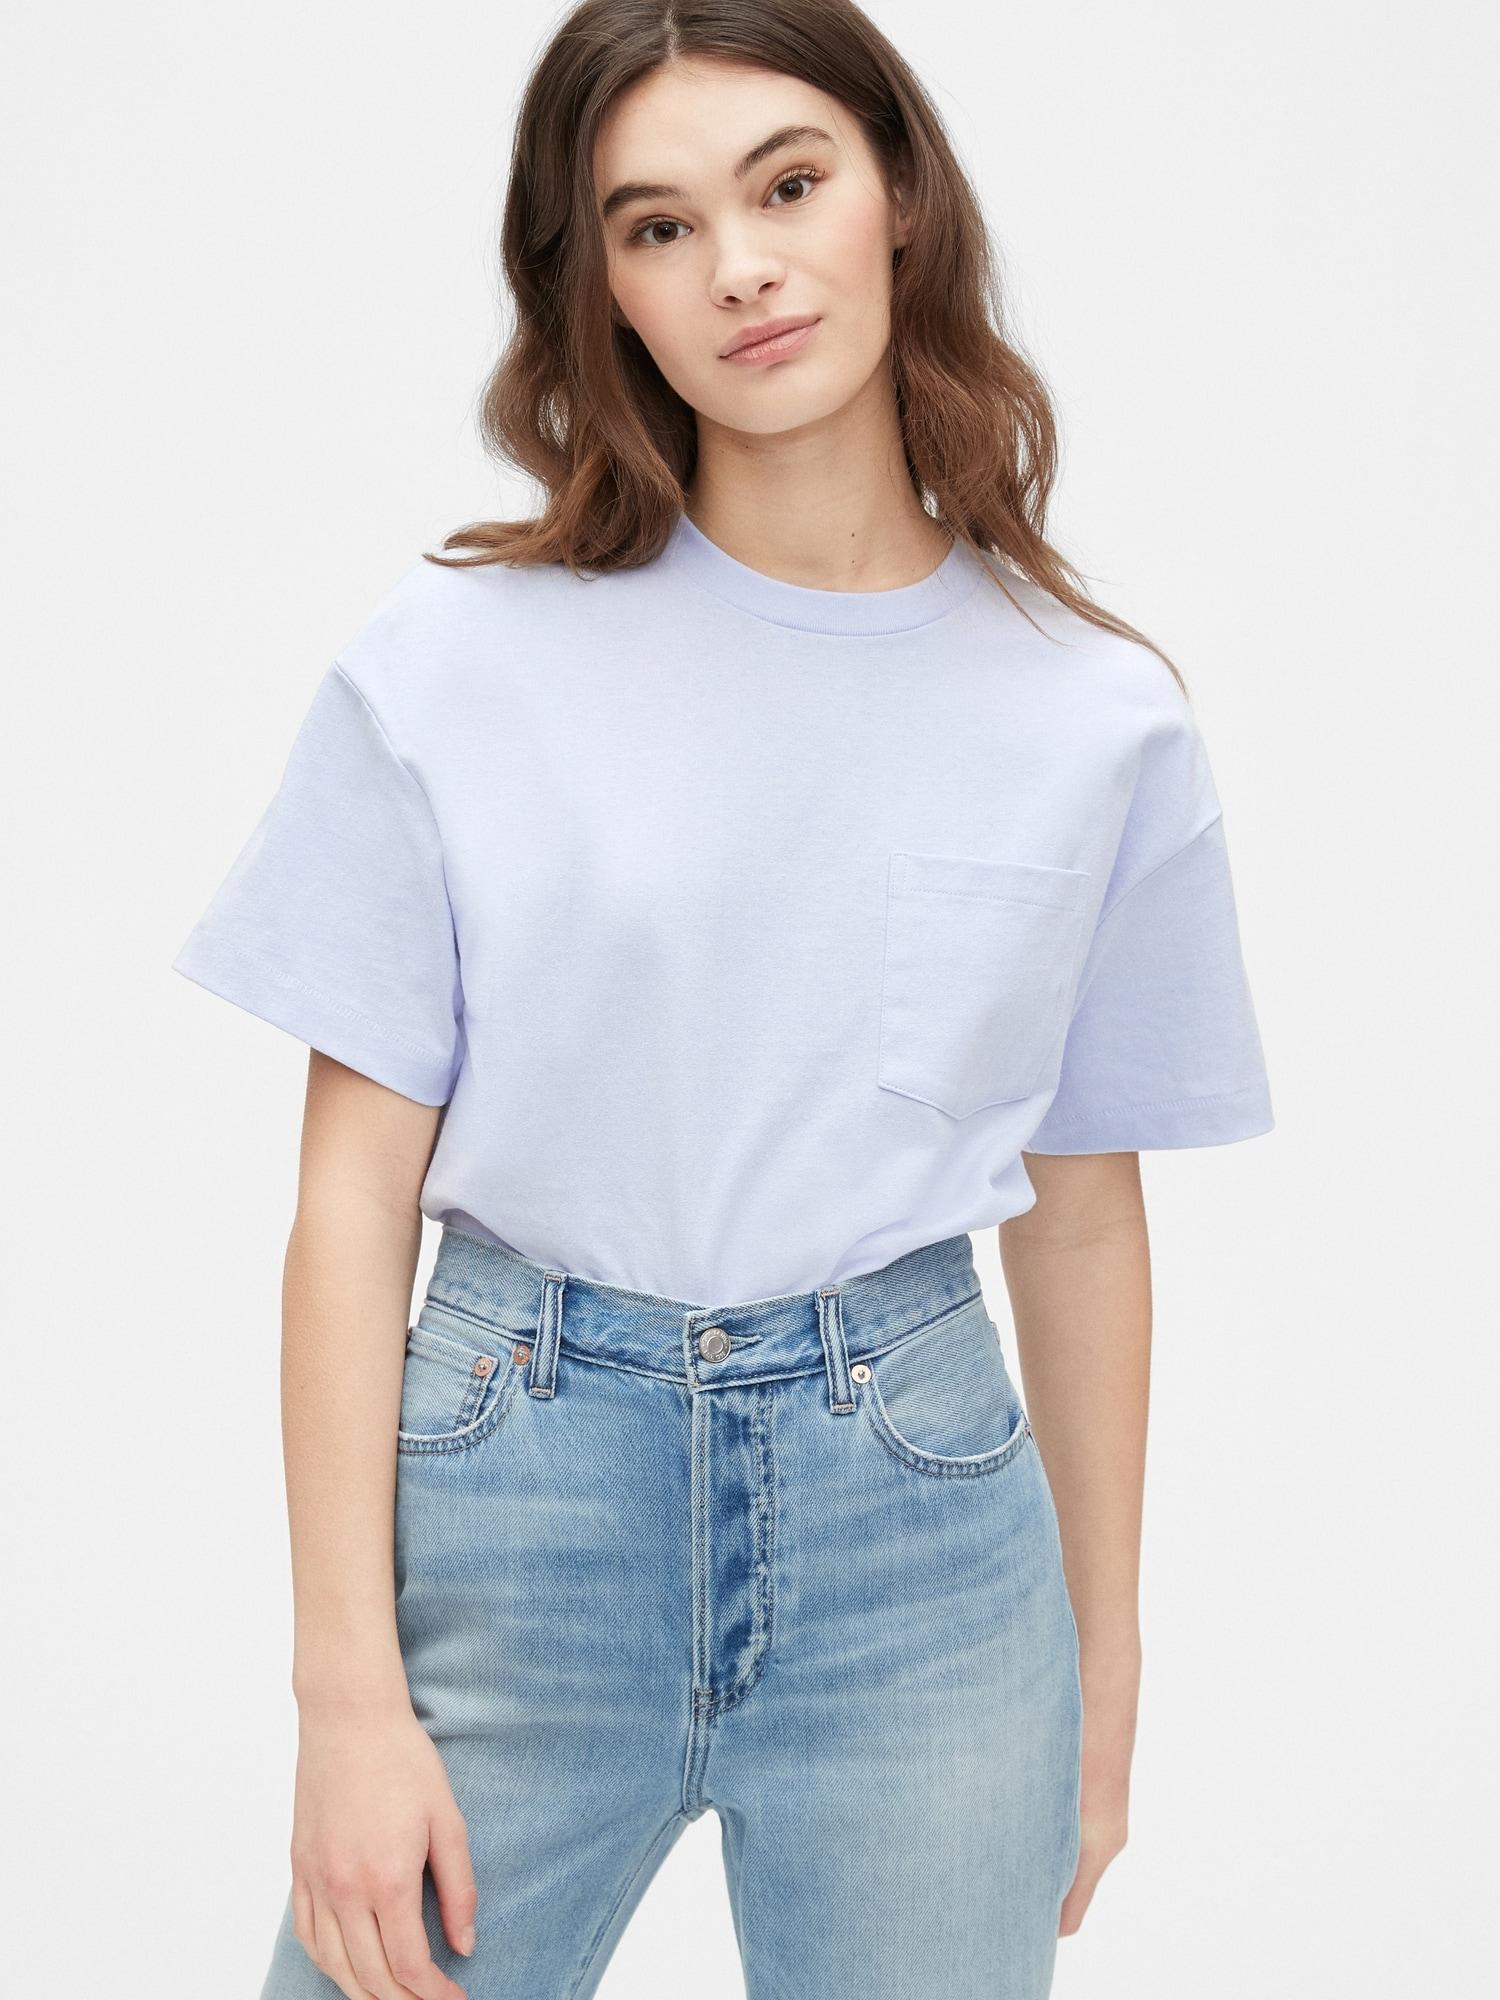 ポケット ヘビーウェイトtシャツ